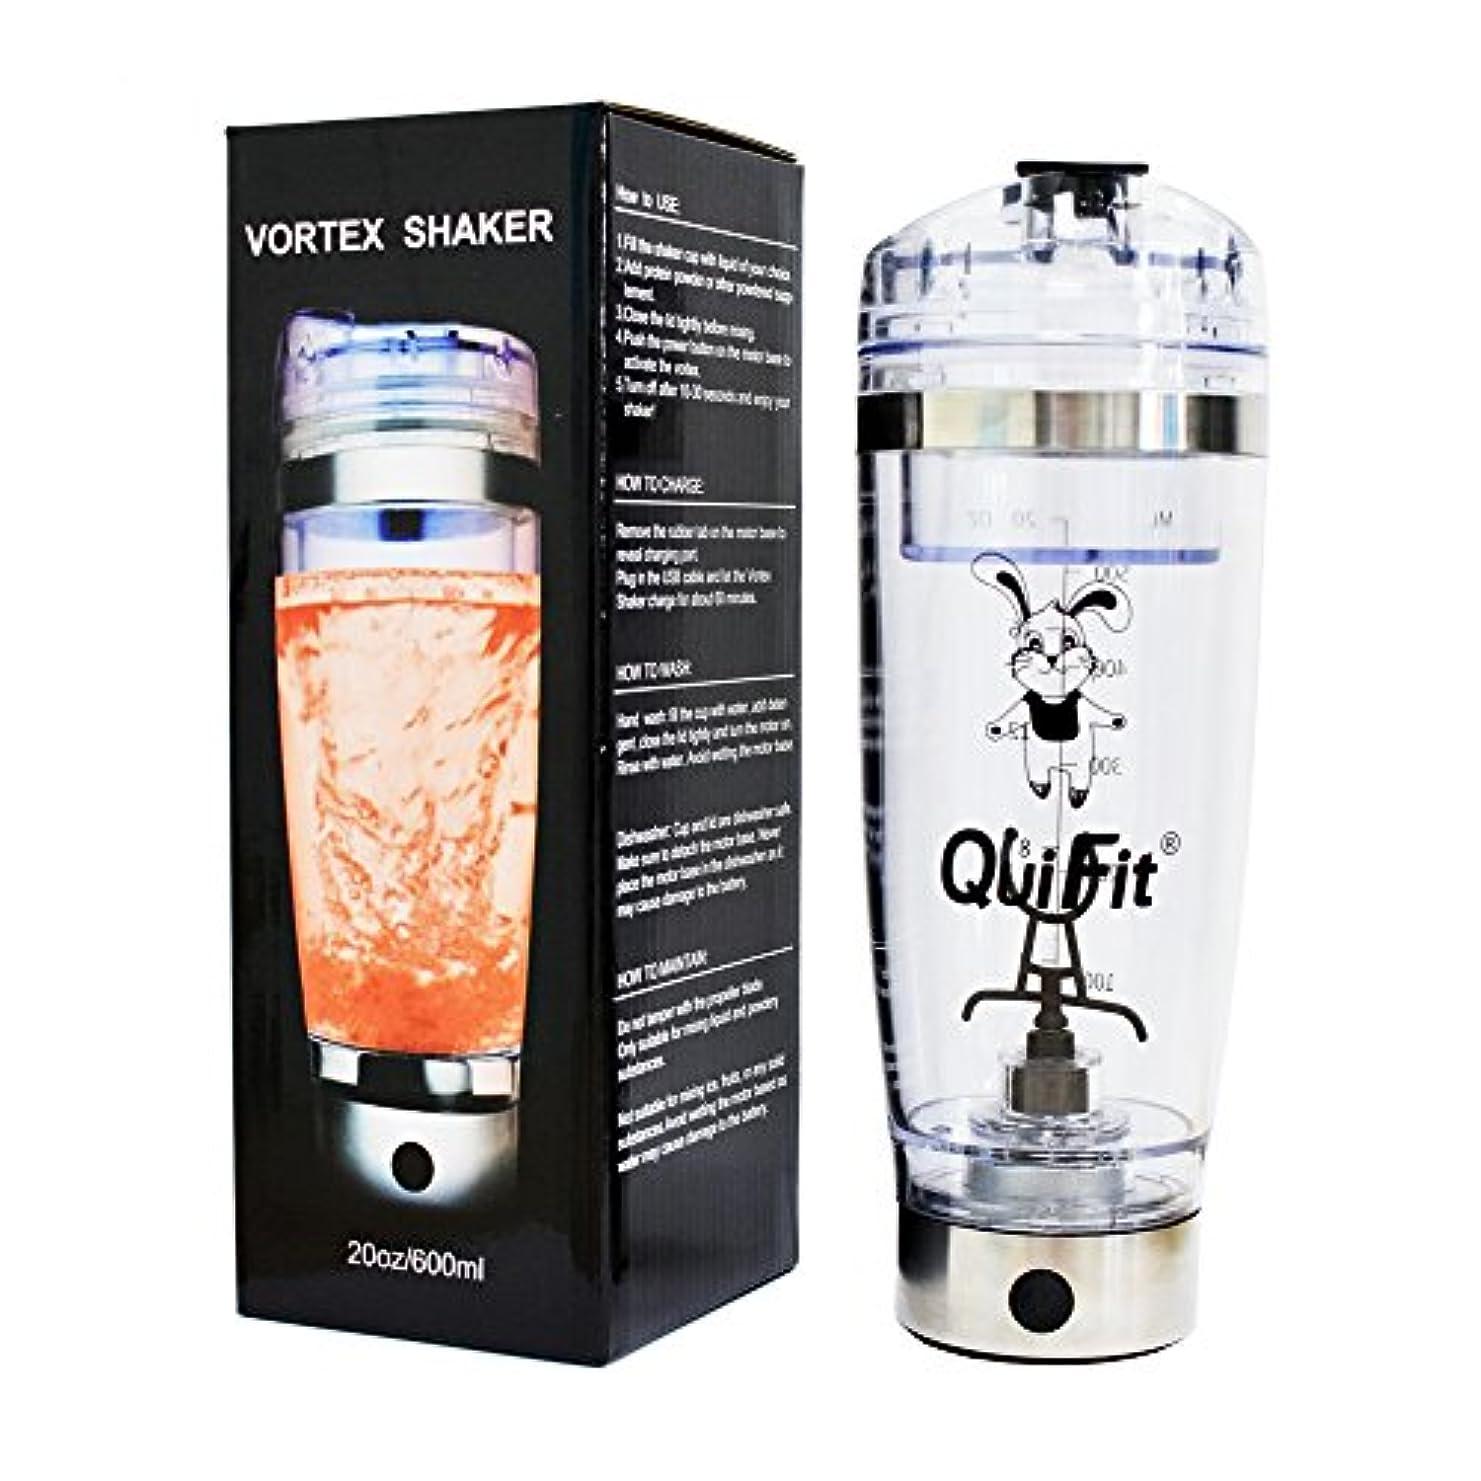 回転する宿題勧める電気タンパク質振動瓶、QuiFit 20 OZ USB充電式タンパク質スクロールカップ、パウダーシェイクに適した電動ポータブル自動ミキサー、100%リーク防止保証 - BPAなし (600ml)